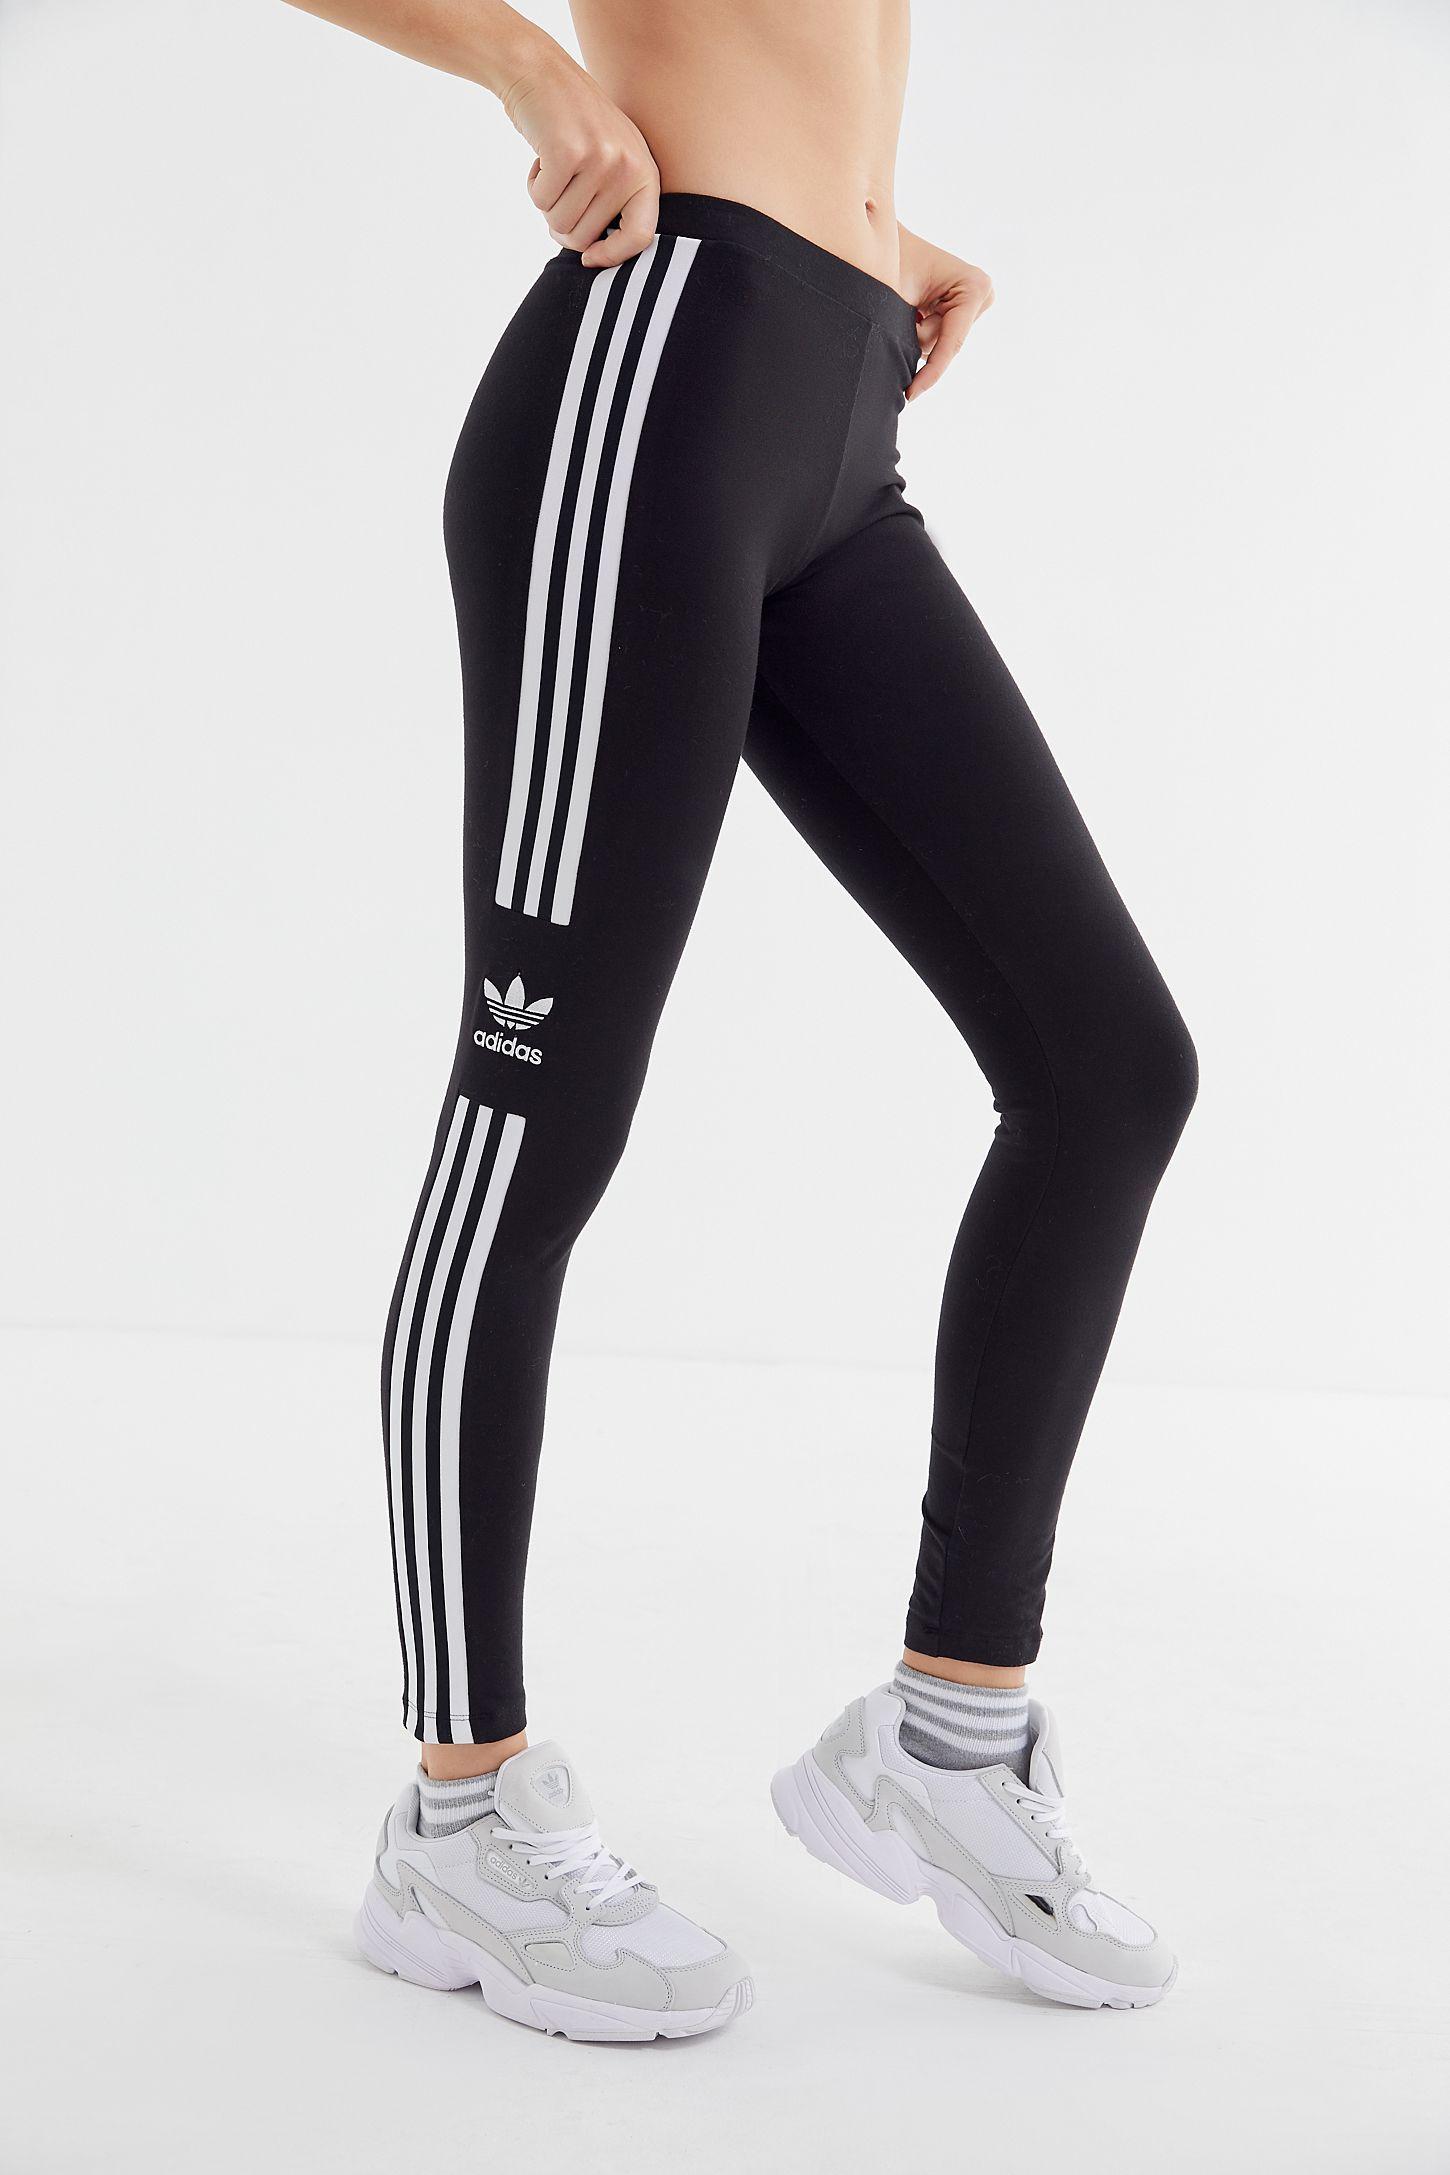 adidas Damenjogginghosen trends 2020 günstig online